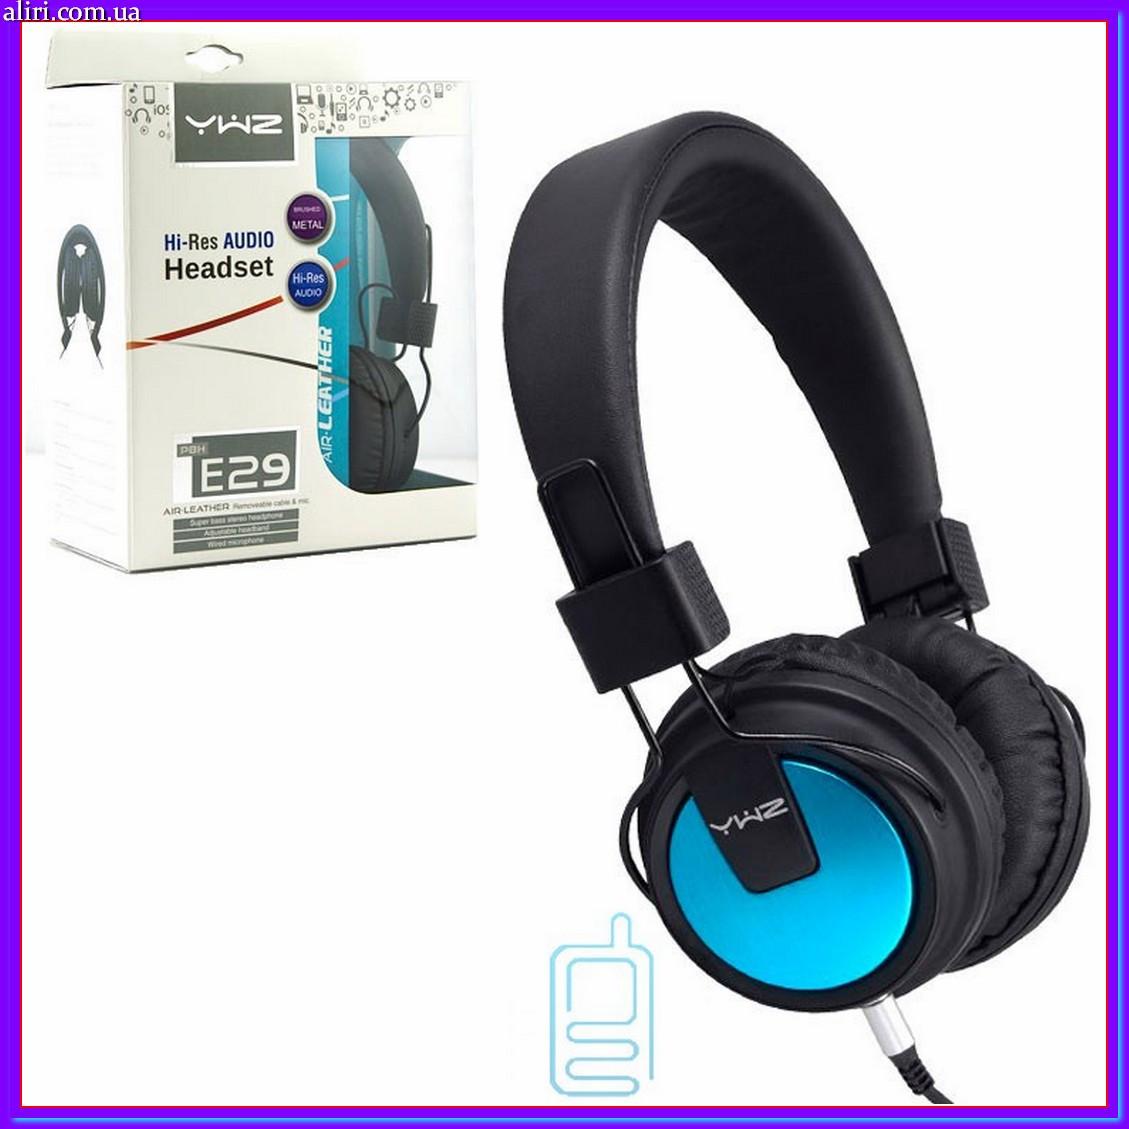 Наушники накладные с микрофоном Sonic Sound E29-Mic AA черно-синие